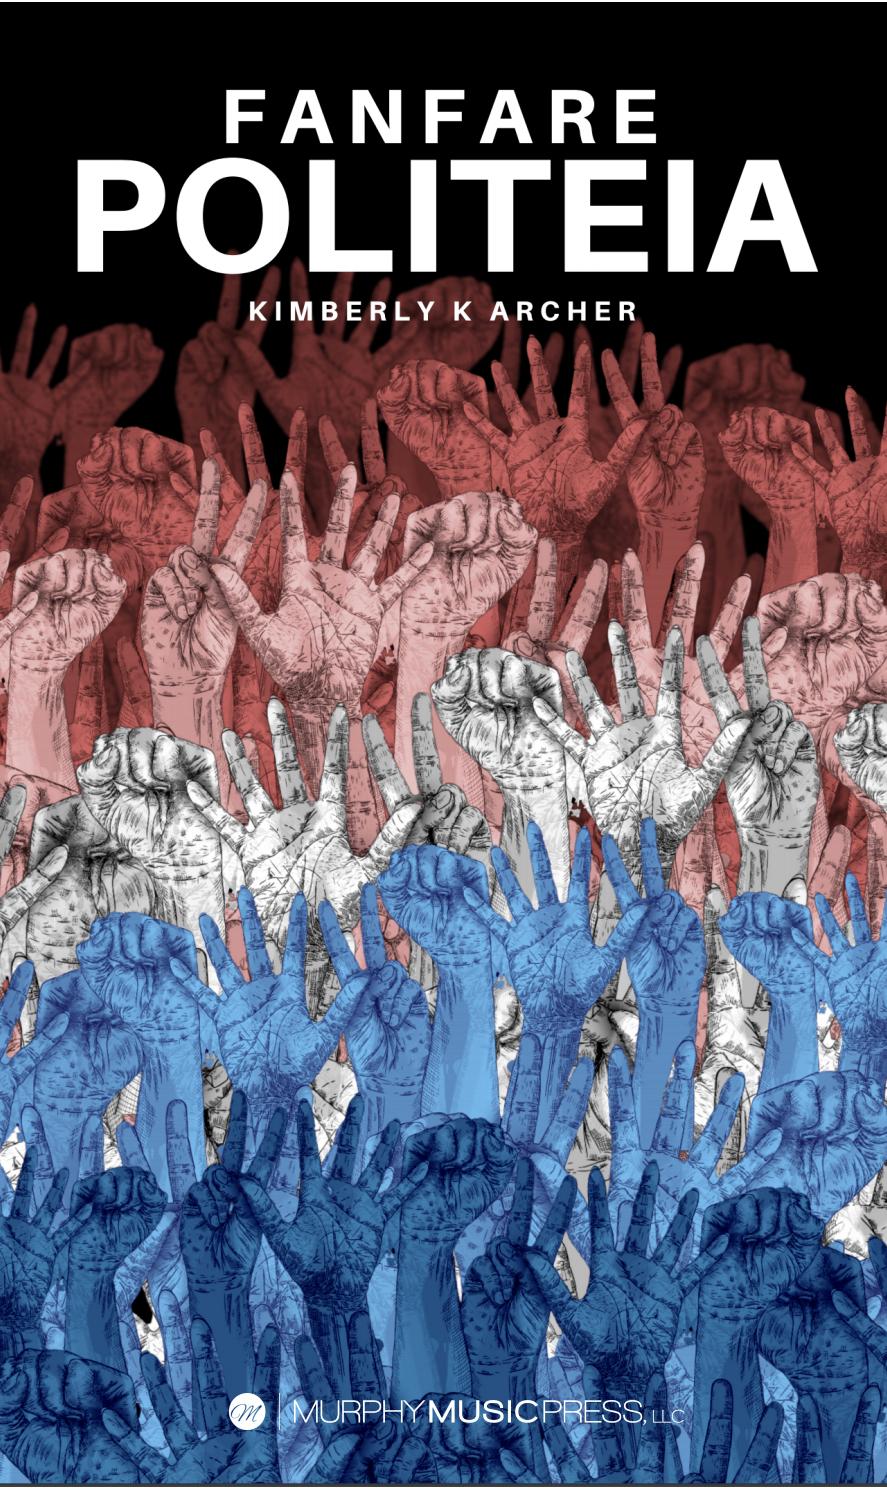 Fanfare Politeia by Kimberly K Archer